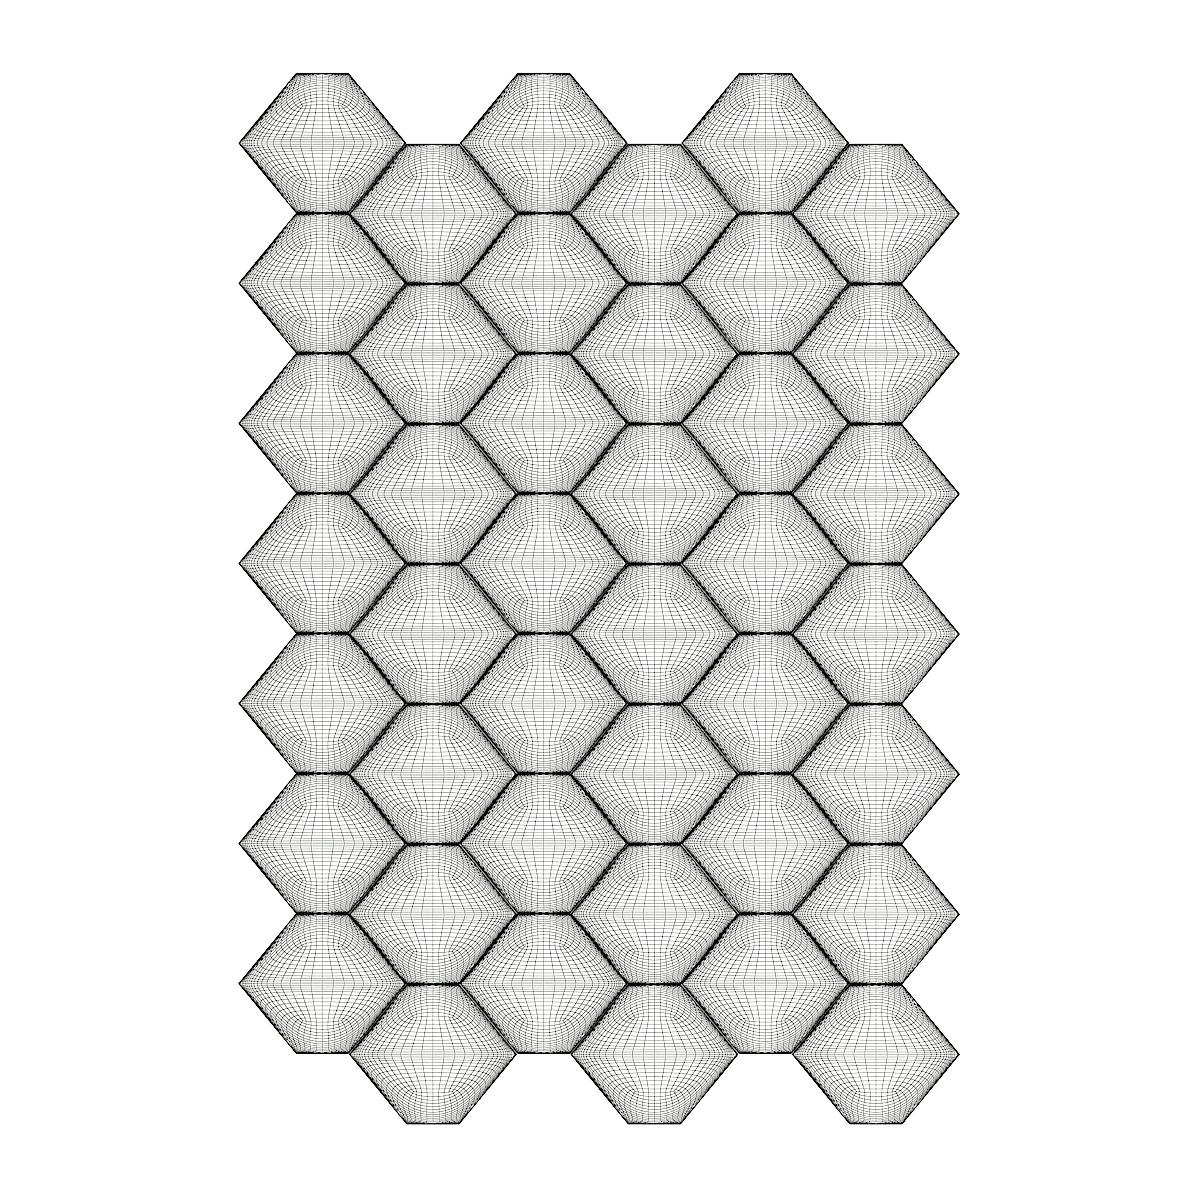 Hexagonal White Wall Panel 3D Model